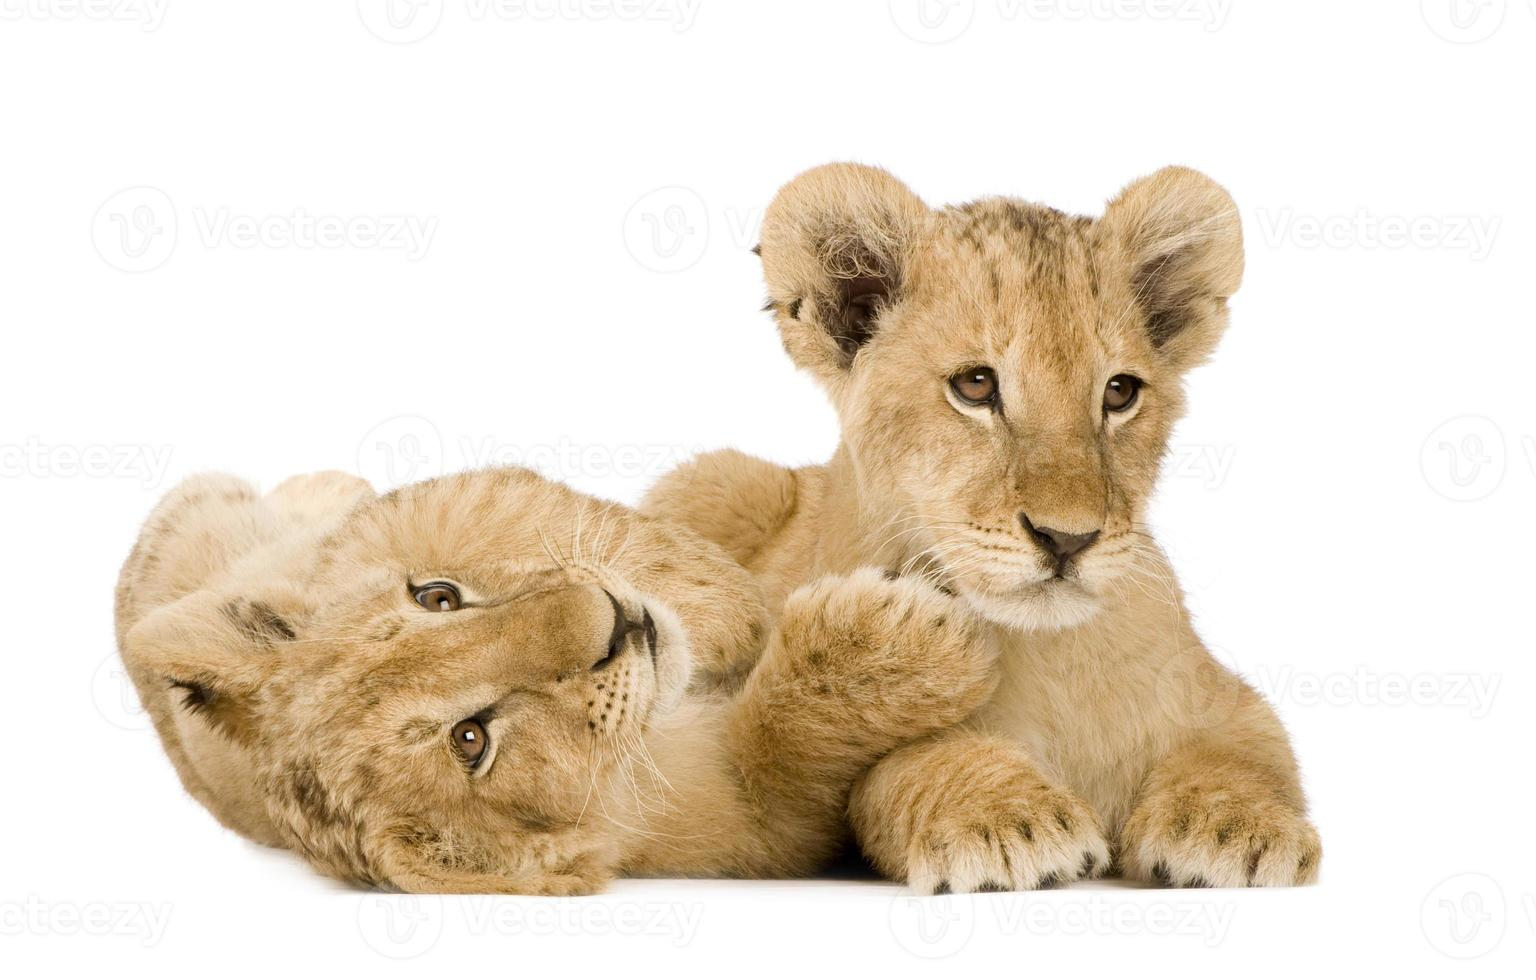 filhotes de leão (4 meses) foto